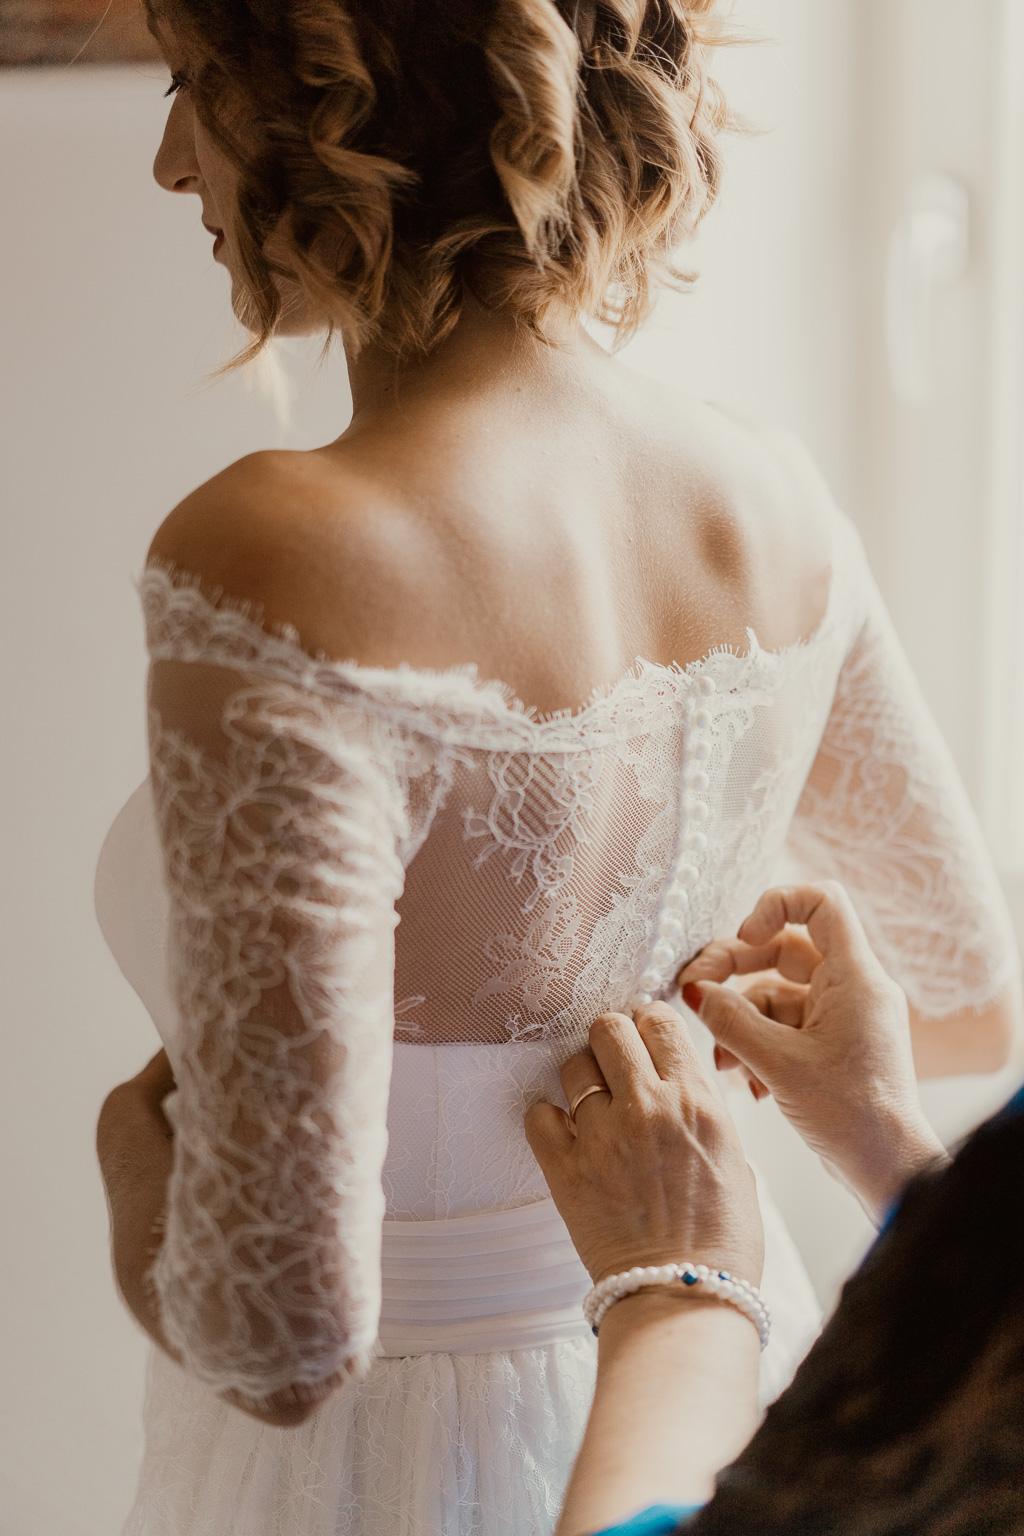 la sposa indossa l'abito in stile boho chic